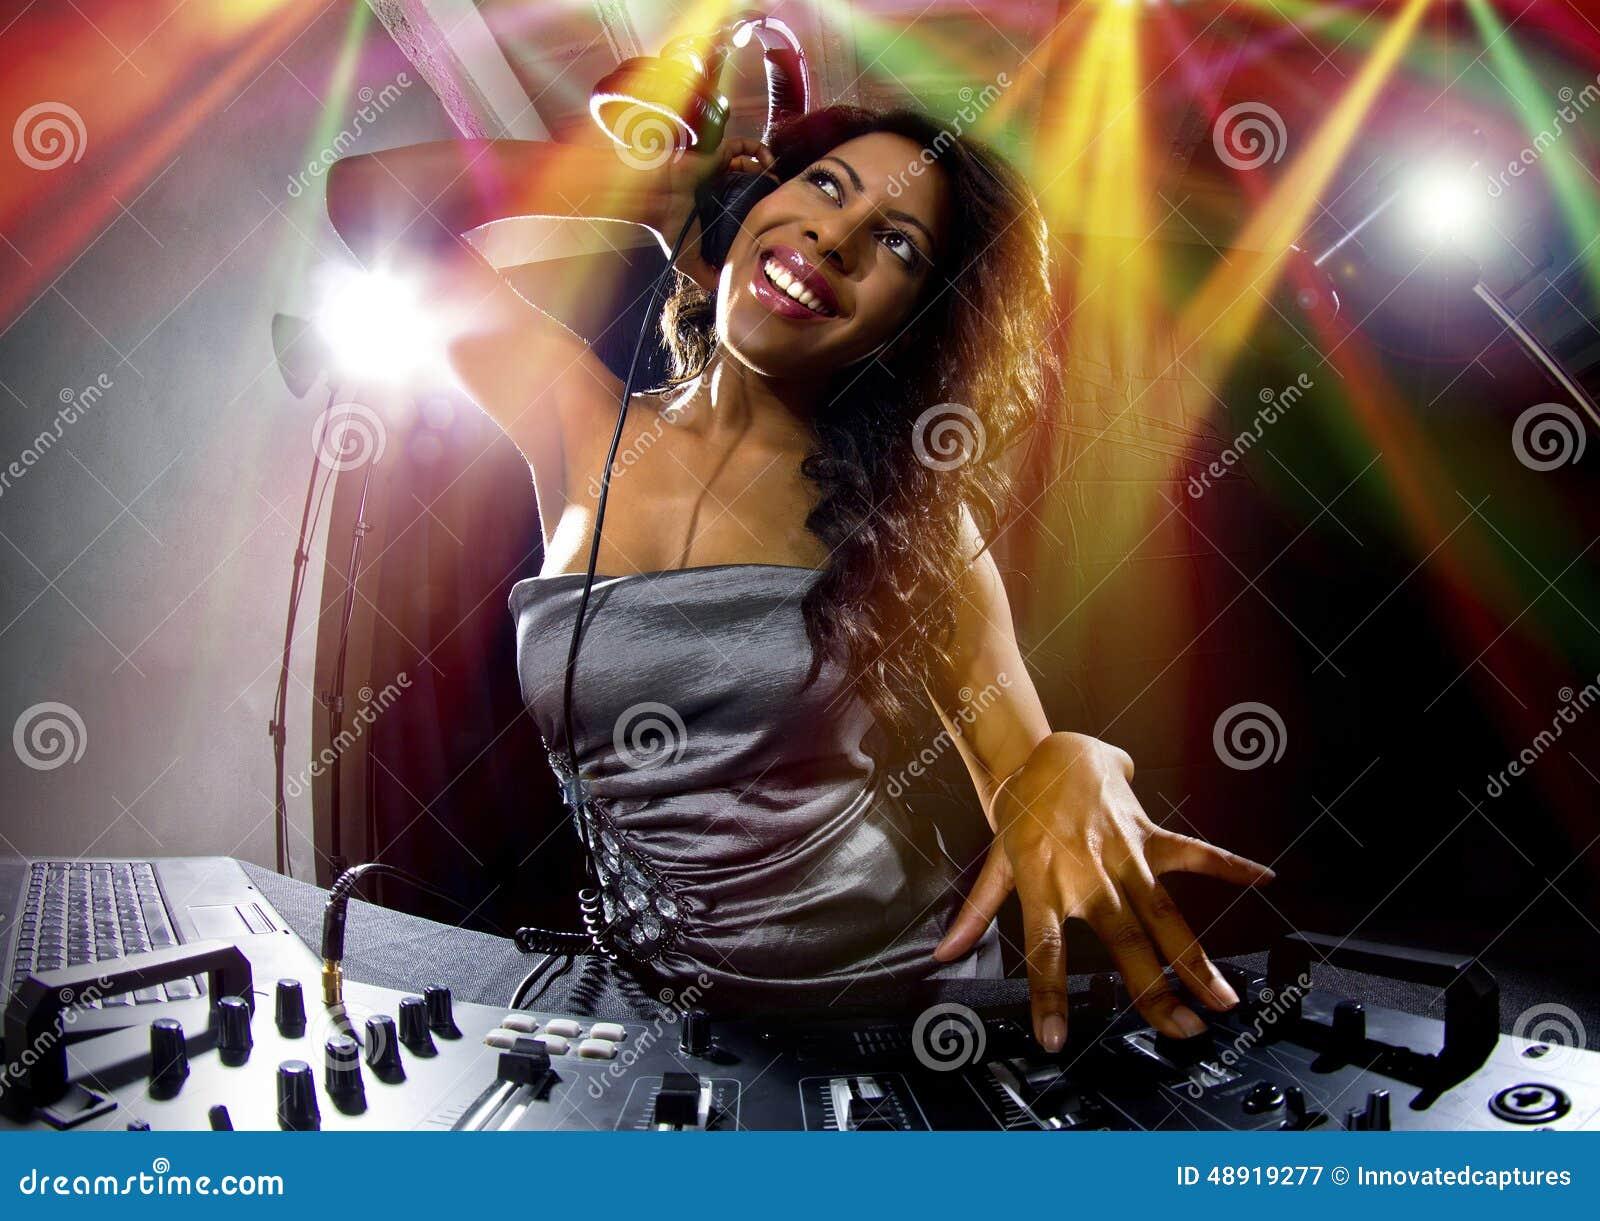 female dj stock photo image 48919277